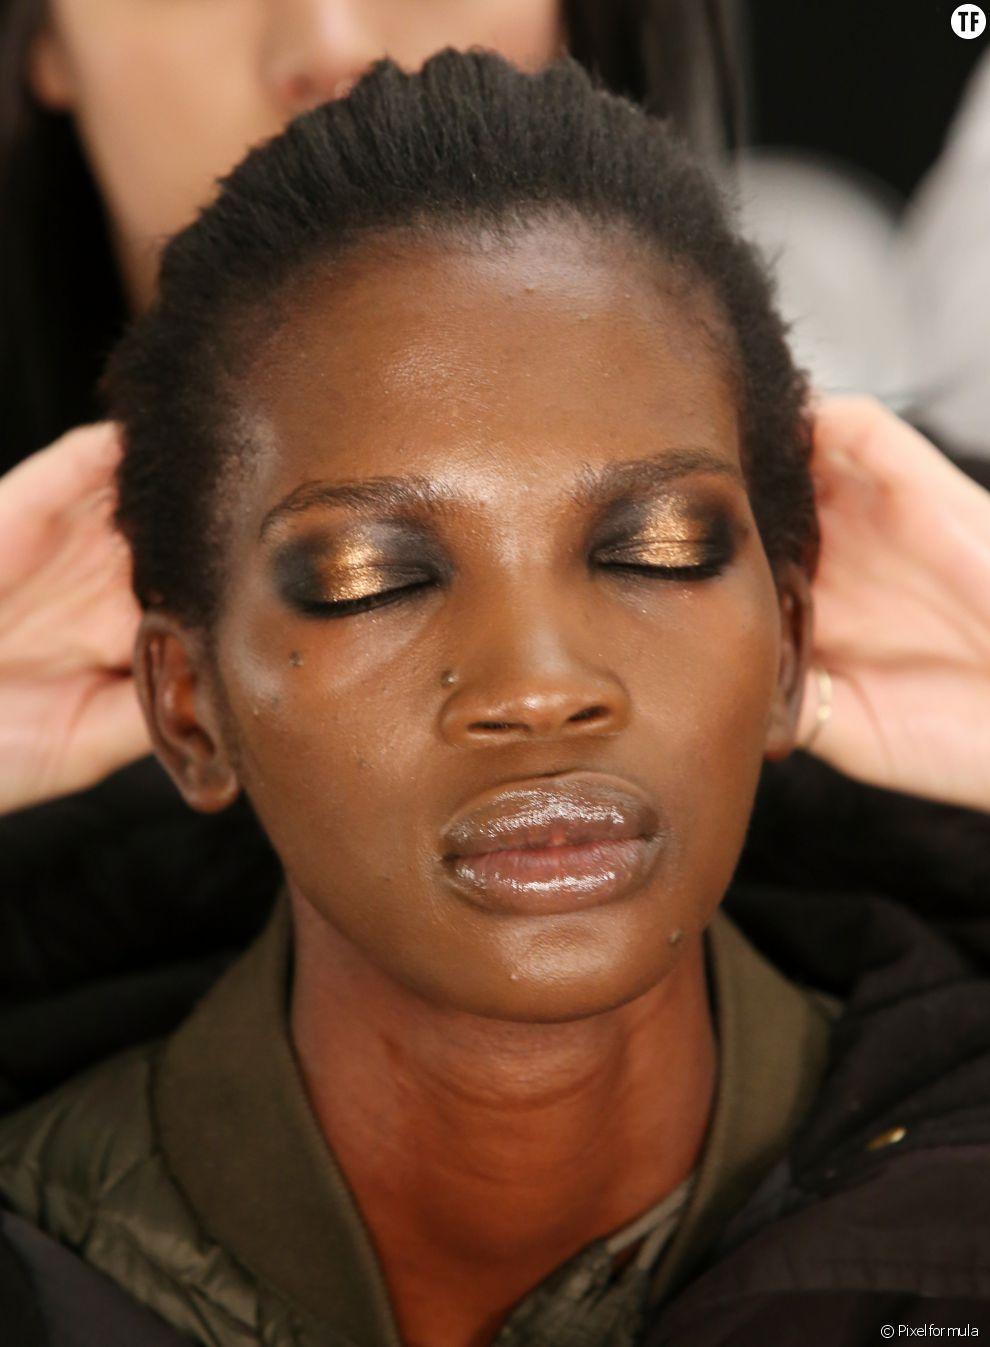 Le regard cuivré : l'option idéale pour les peaux noires et mates !